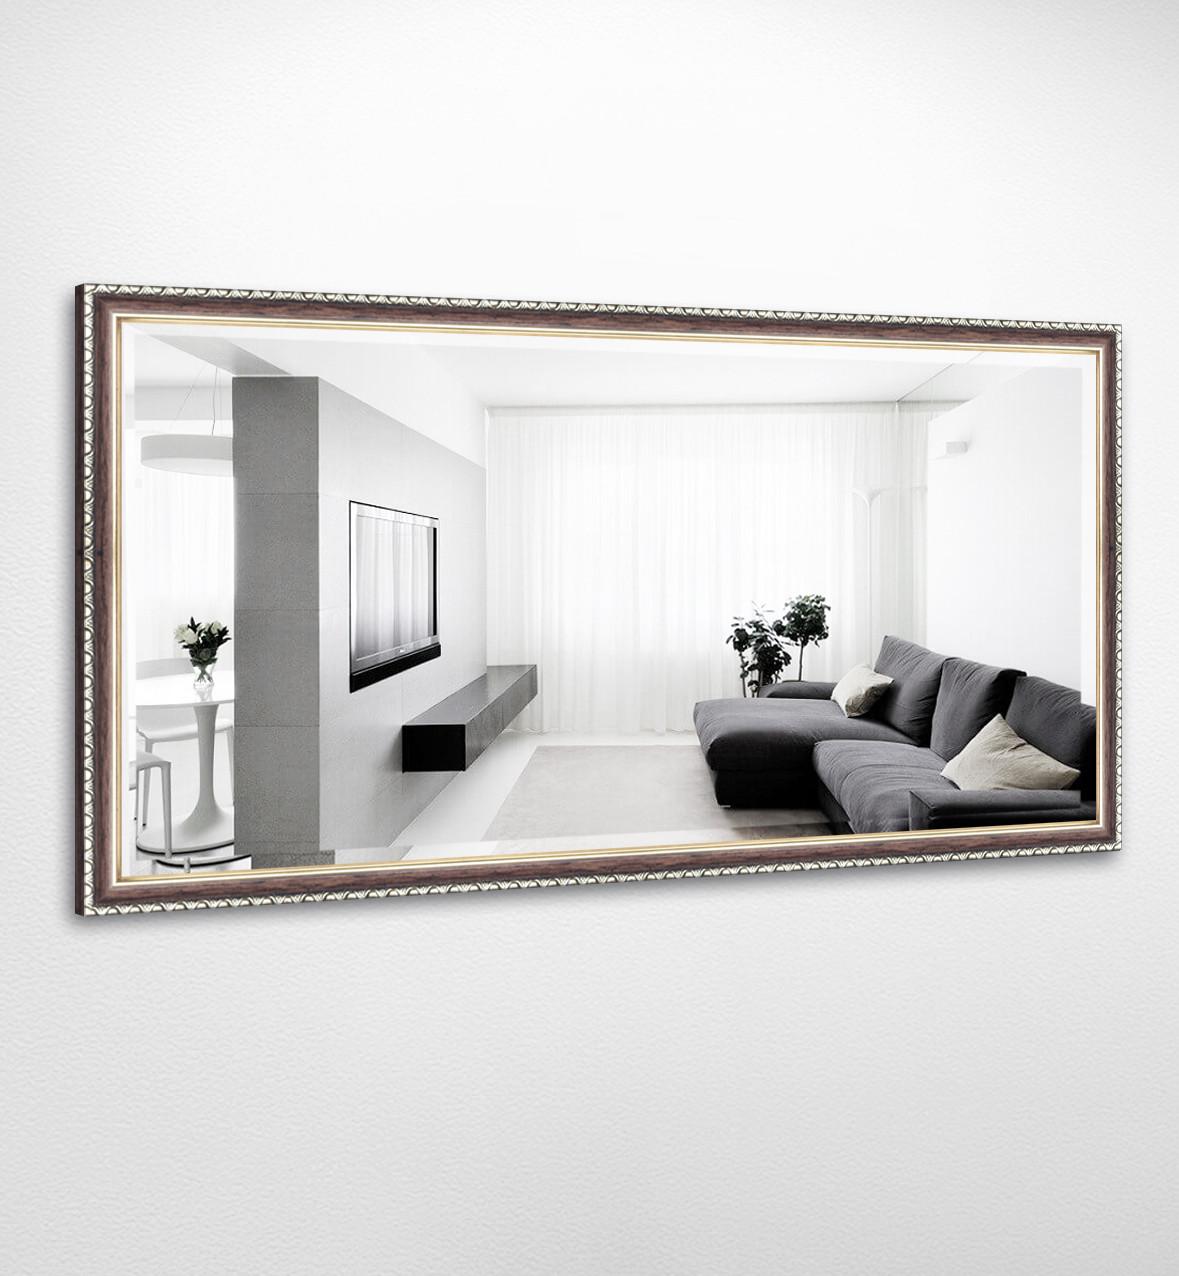 Настенное зеркало БЦ Стол Виктория прямоугольное B03-F темное дерево